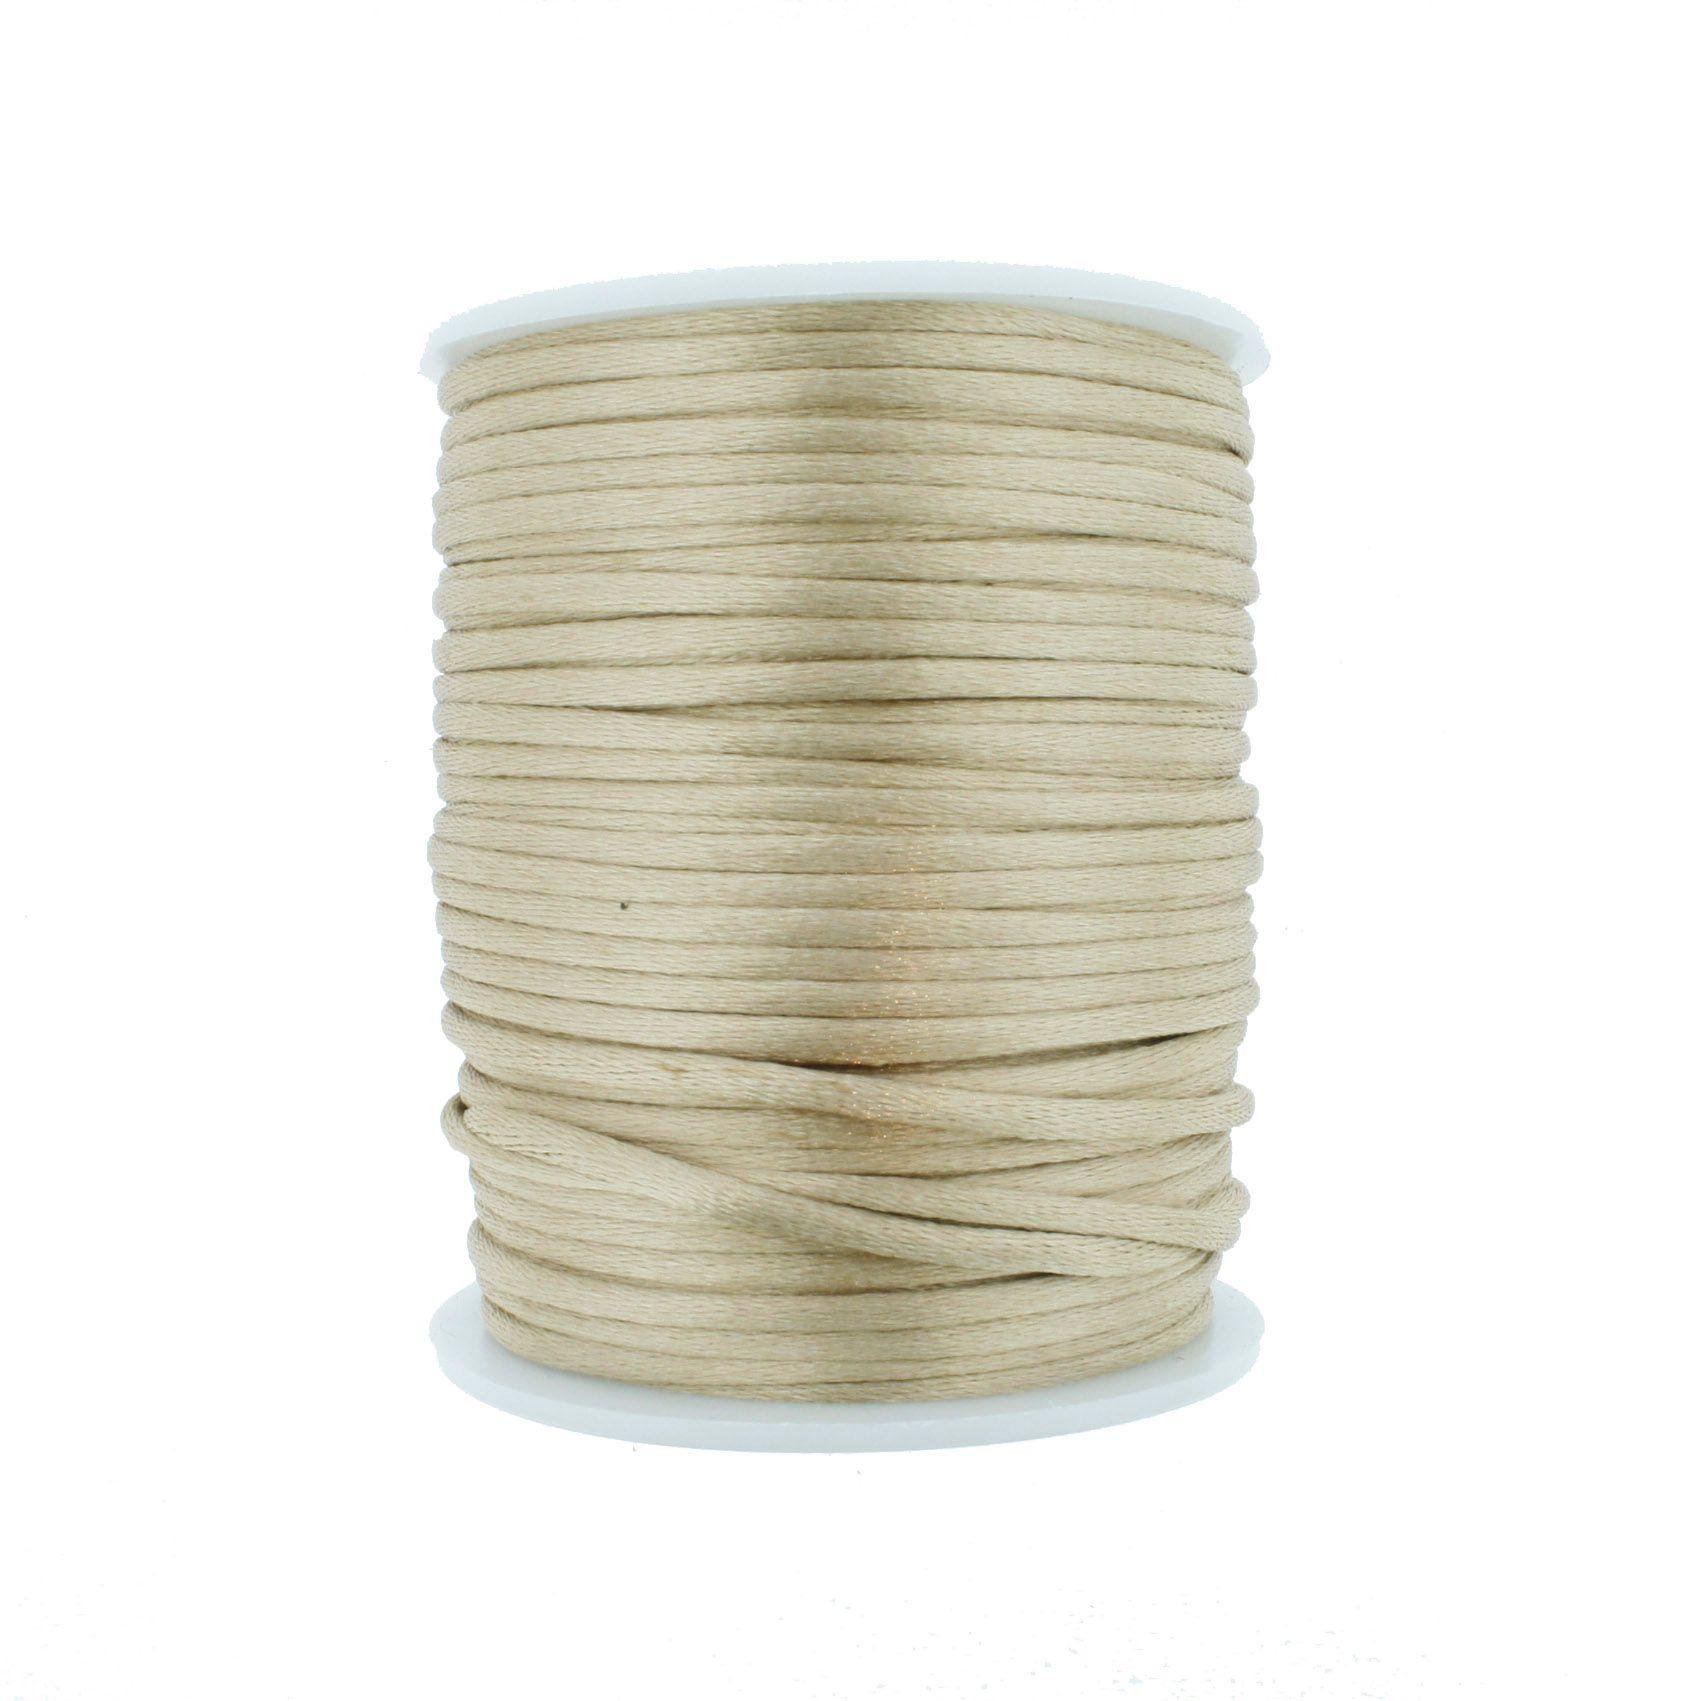 Cordão de Seda - Bege - 2mm  - Stéphanie Bijoux® - Peças para Bijuterias e Artesanato